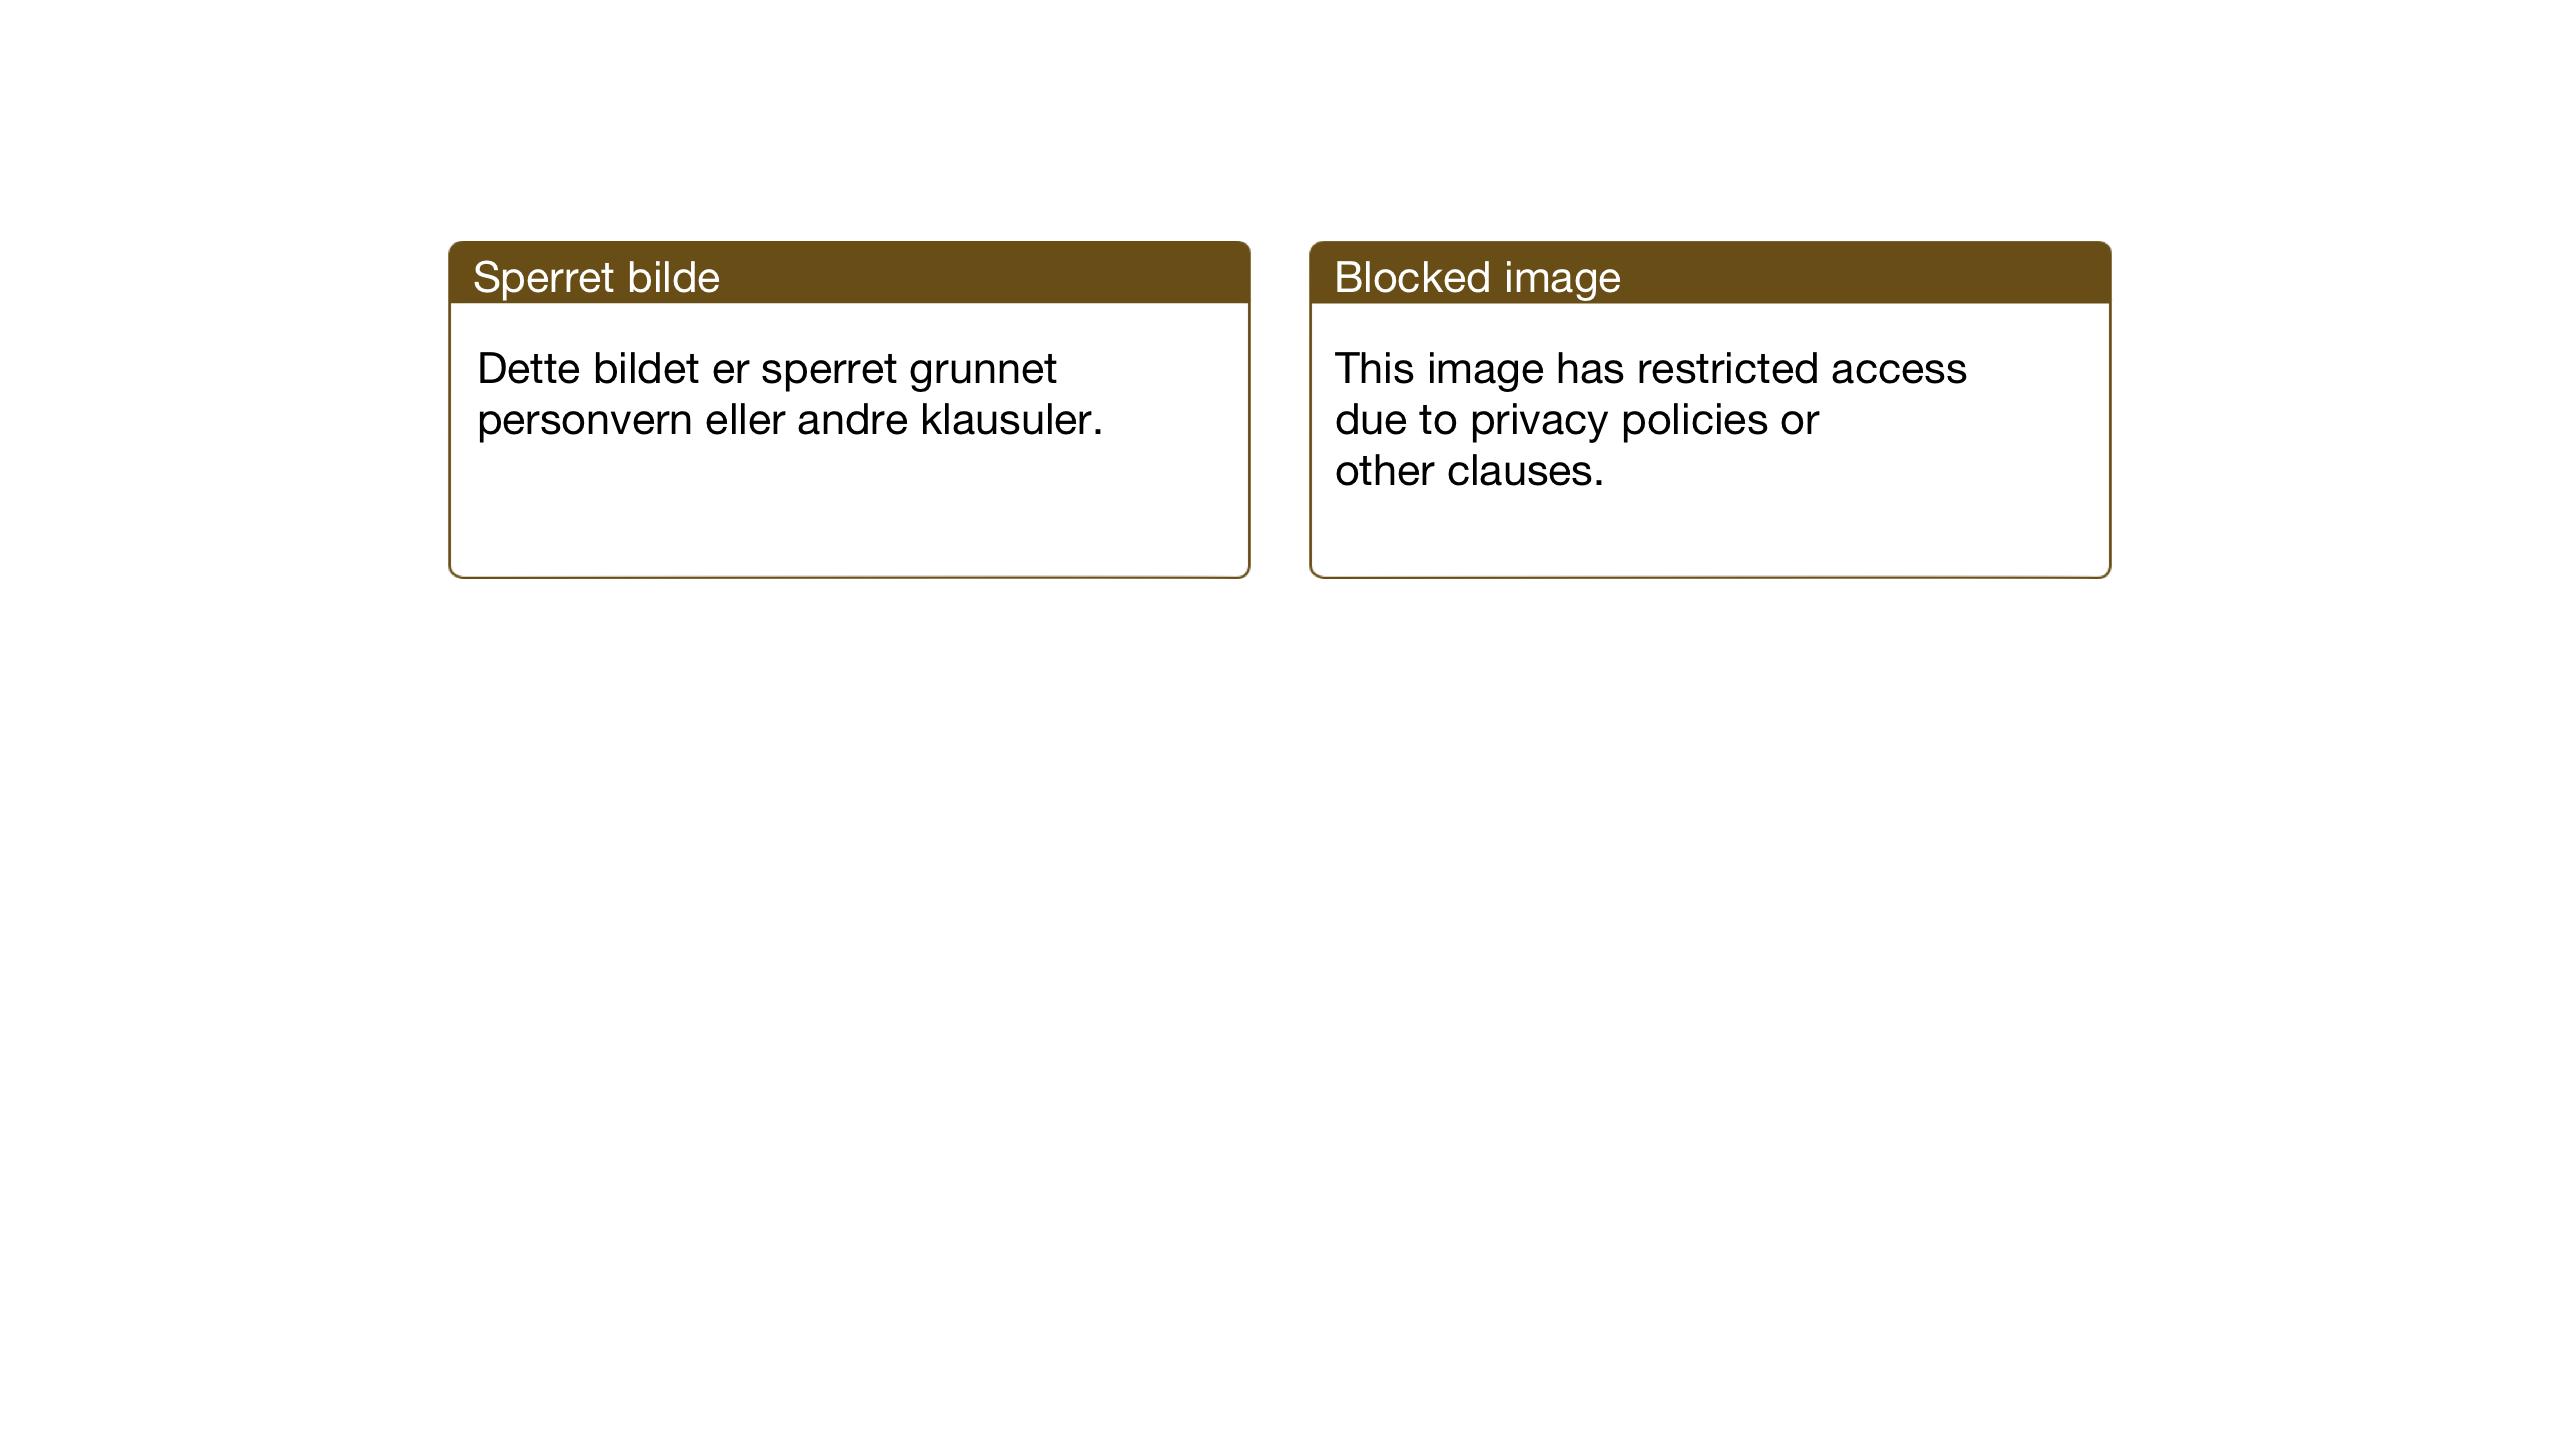 SAT, Ministerialprotokoller, klokkerbøker og fødselsregistre - Sør-Trøndelag, 653/L0658: Klokkerbok nr. 653C02, 1919-1947, s. 75